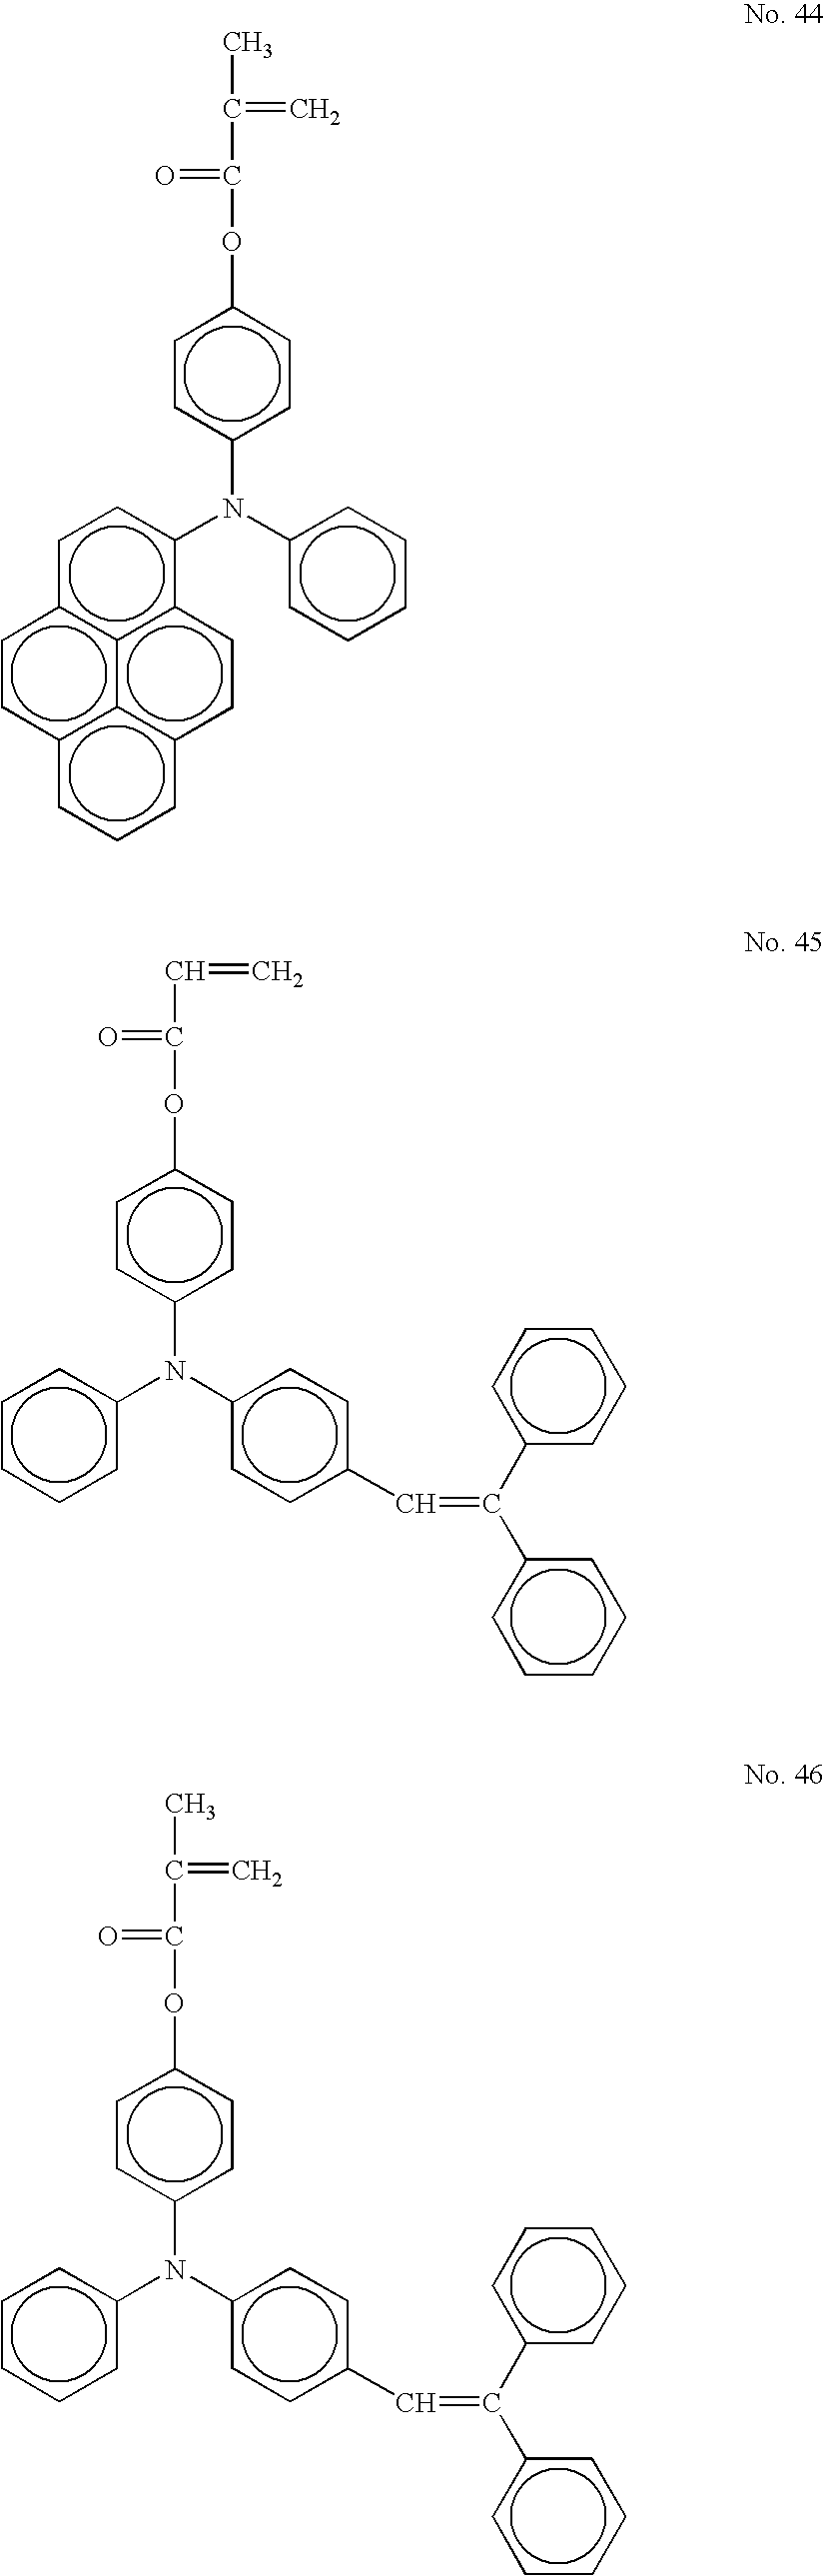 Figure US20050158641A1-20050721-C00028